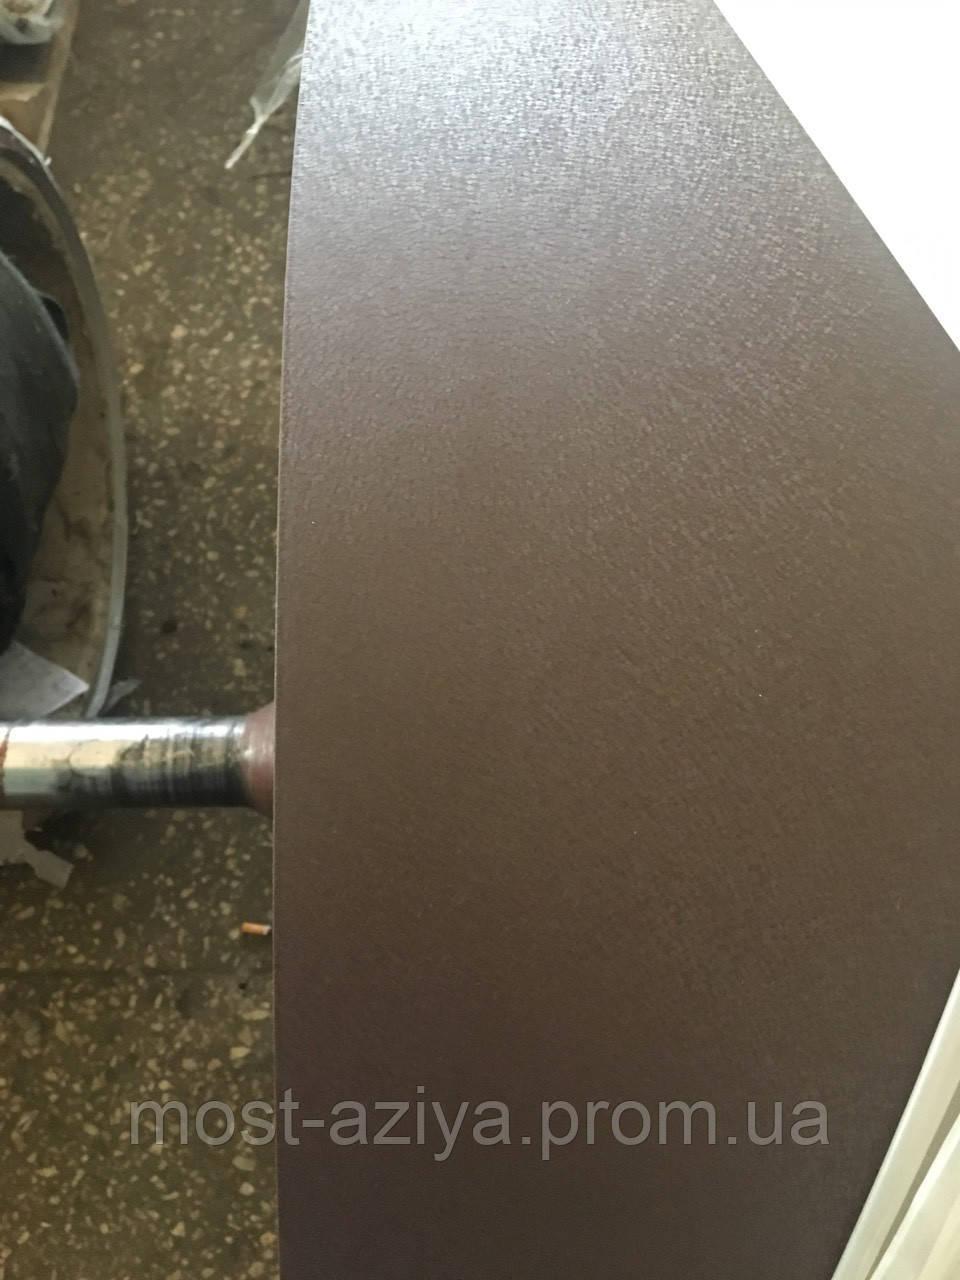 Профнастил двухсторонний матовый коричневый 8017 для забора, Профлист на забор матовый двухсторонний